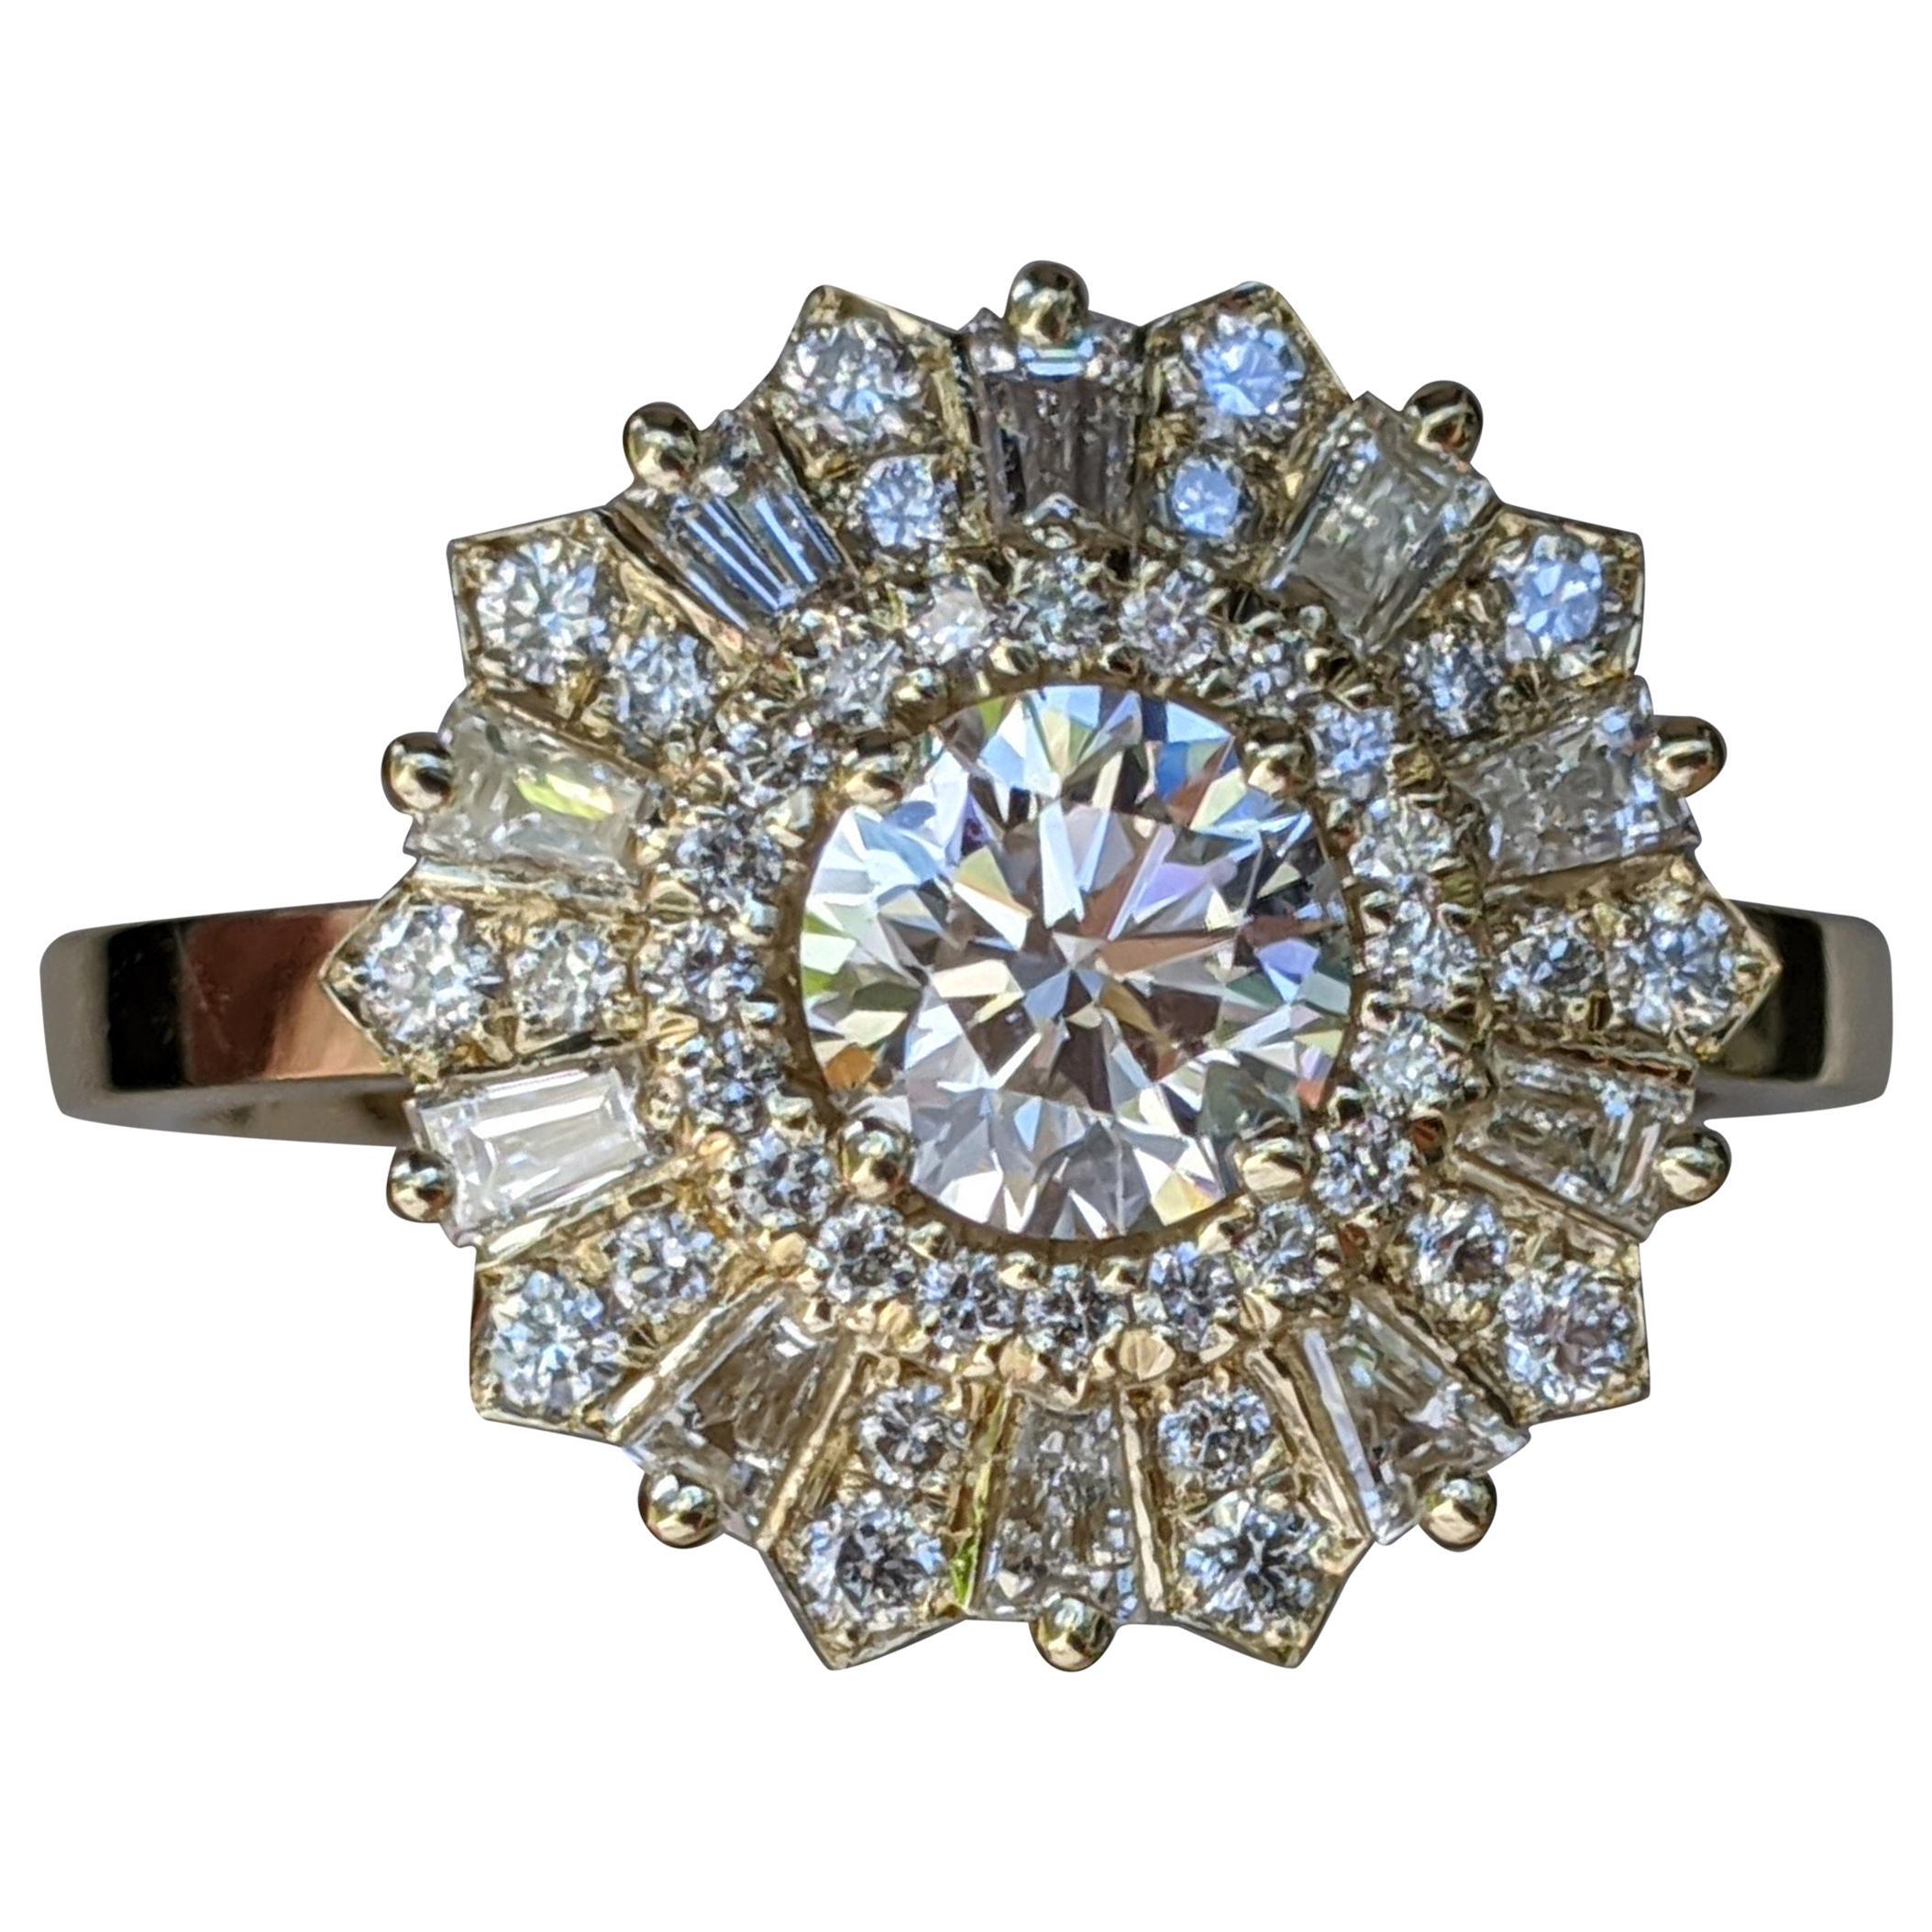 1 1/2 Carat 14 Karat Yellow Gold Vintage Round Diamond Ring, Gatsby Halo Ring